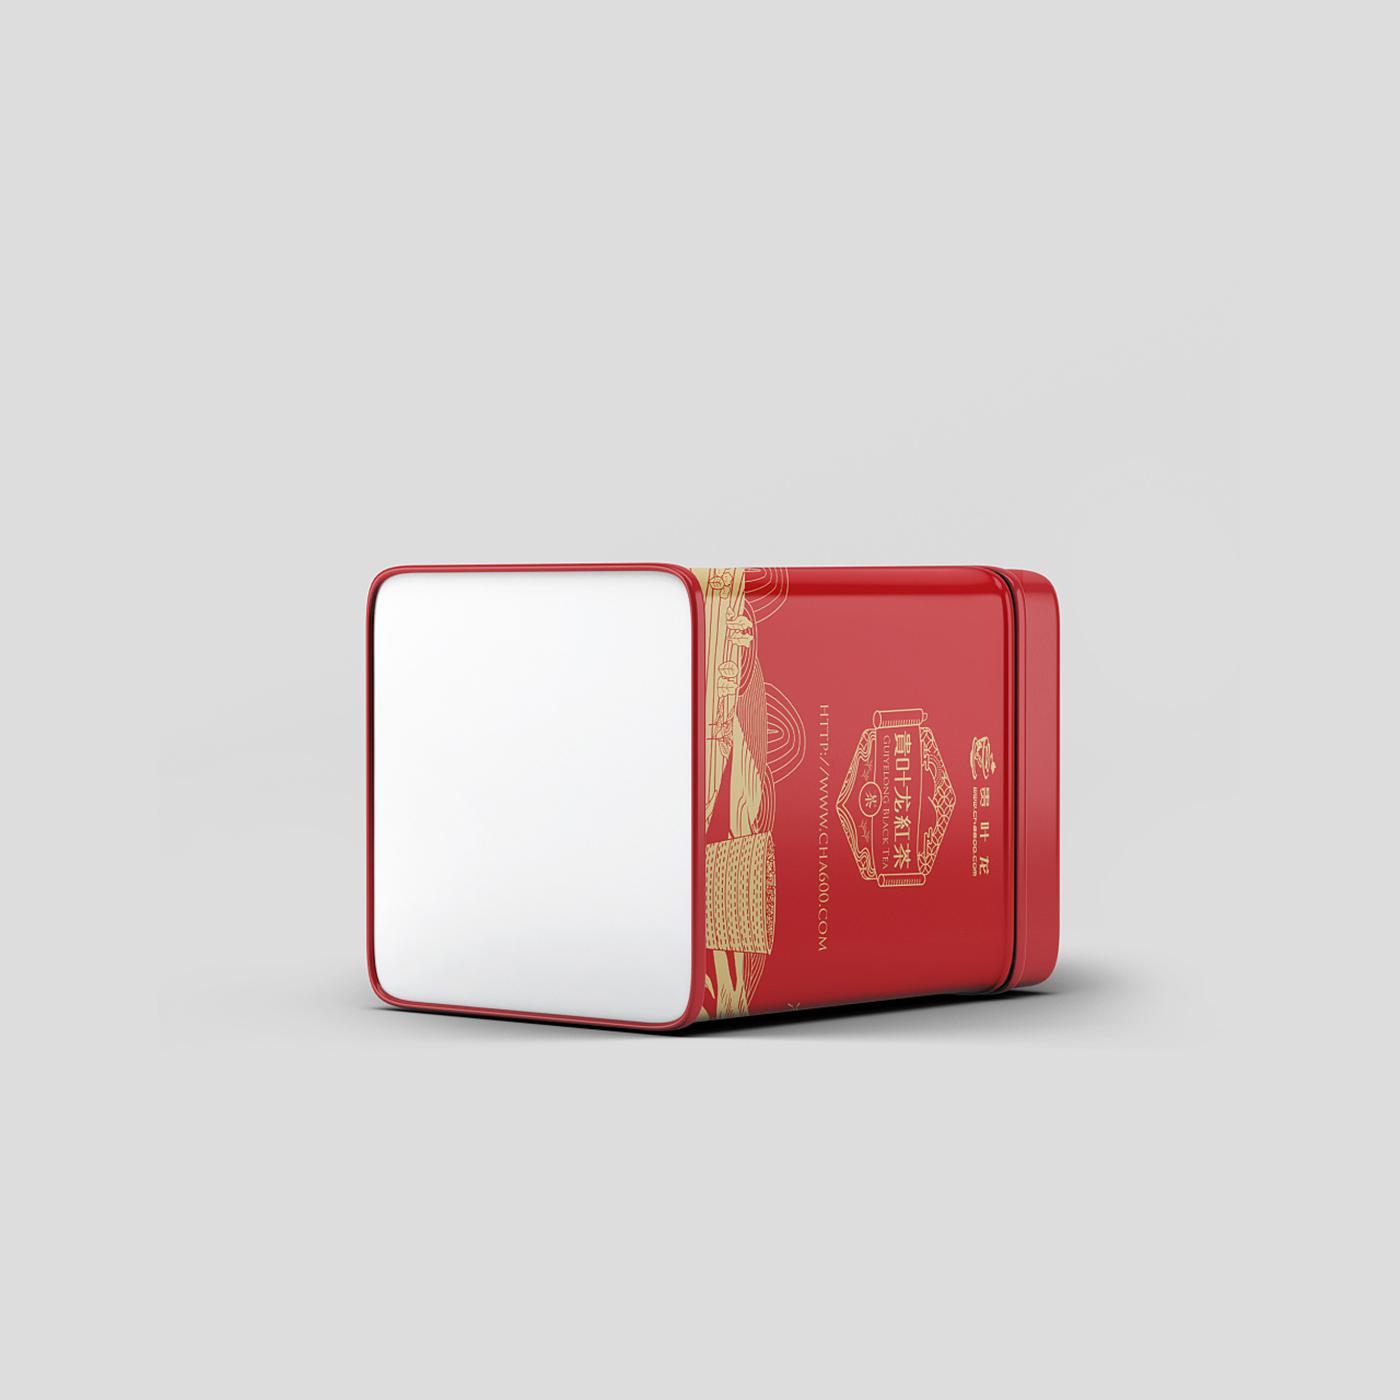 贵叶龙红茶包装设计-传统红茶包装设计